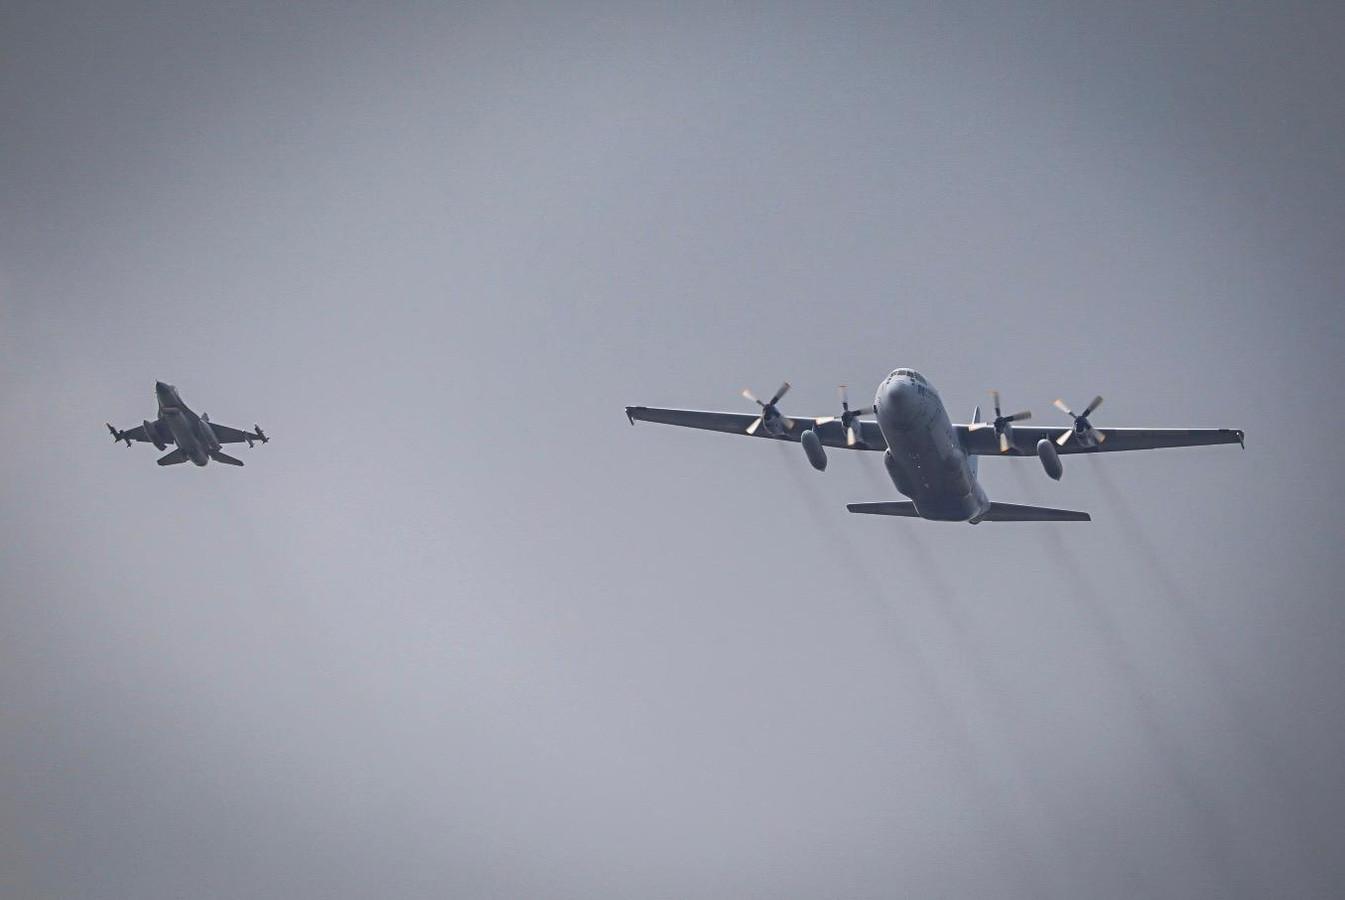 Vliegtuigen vliegen boven de Hoeksche Waard voor televisieopnames.